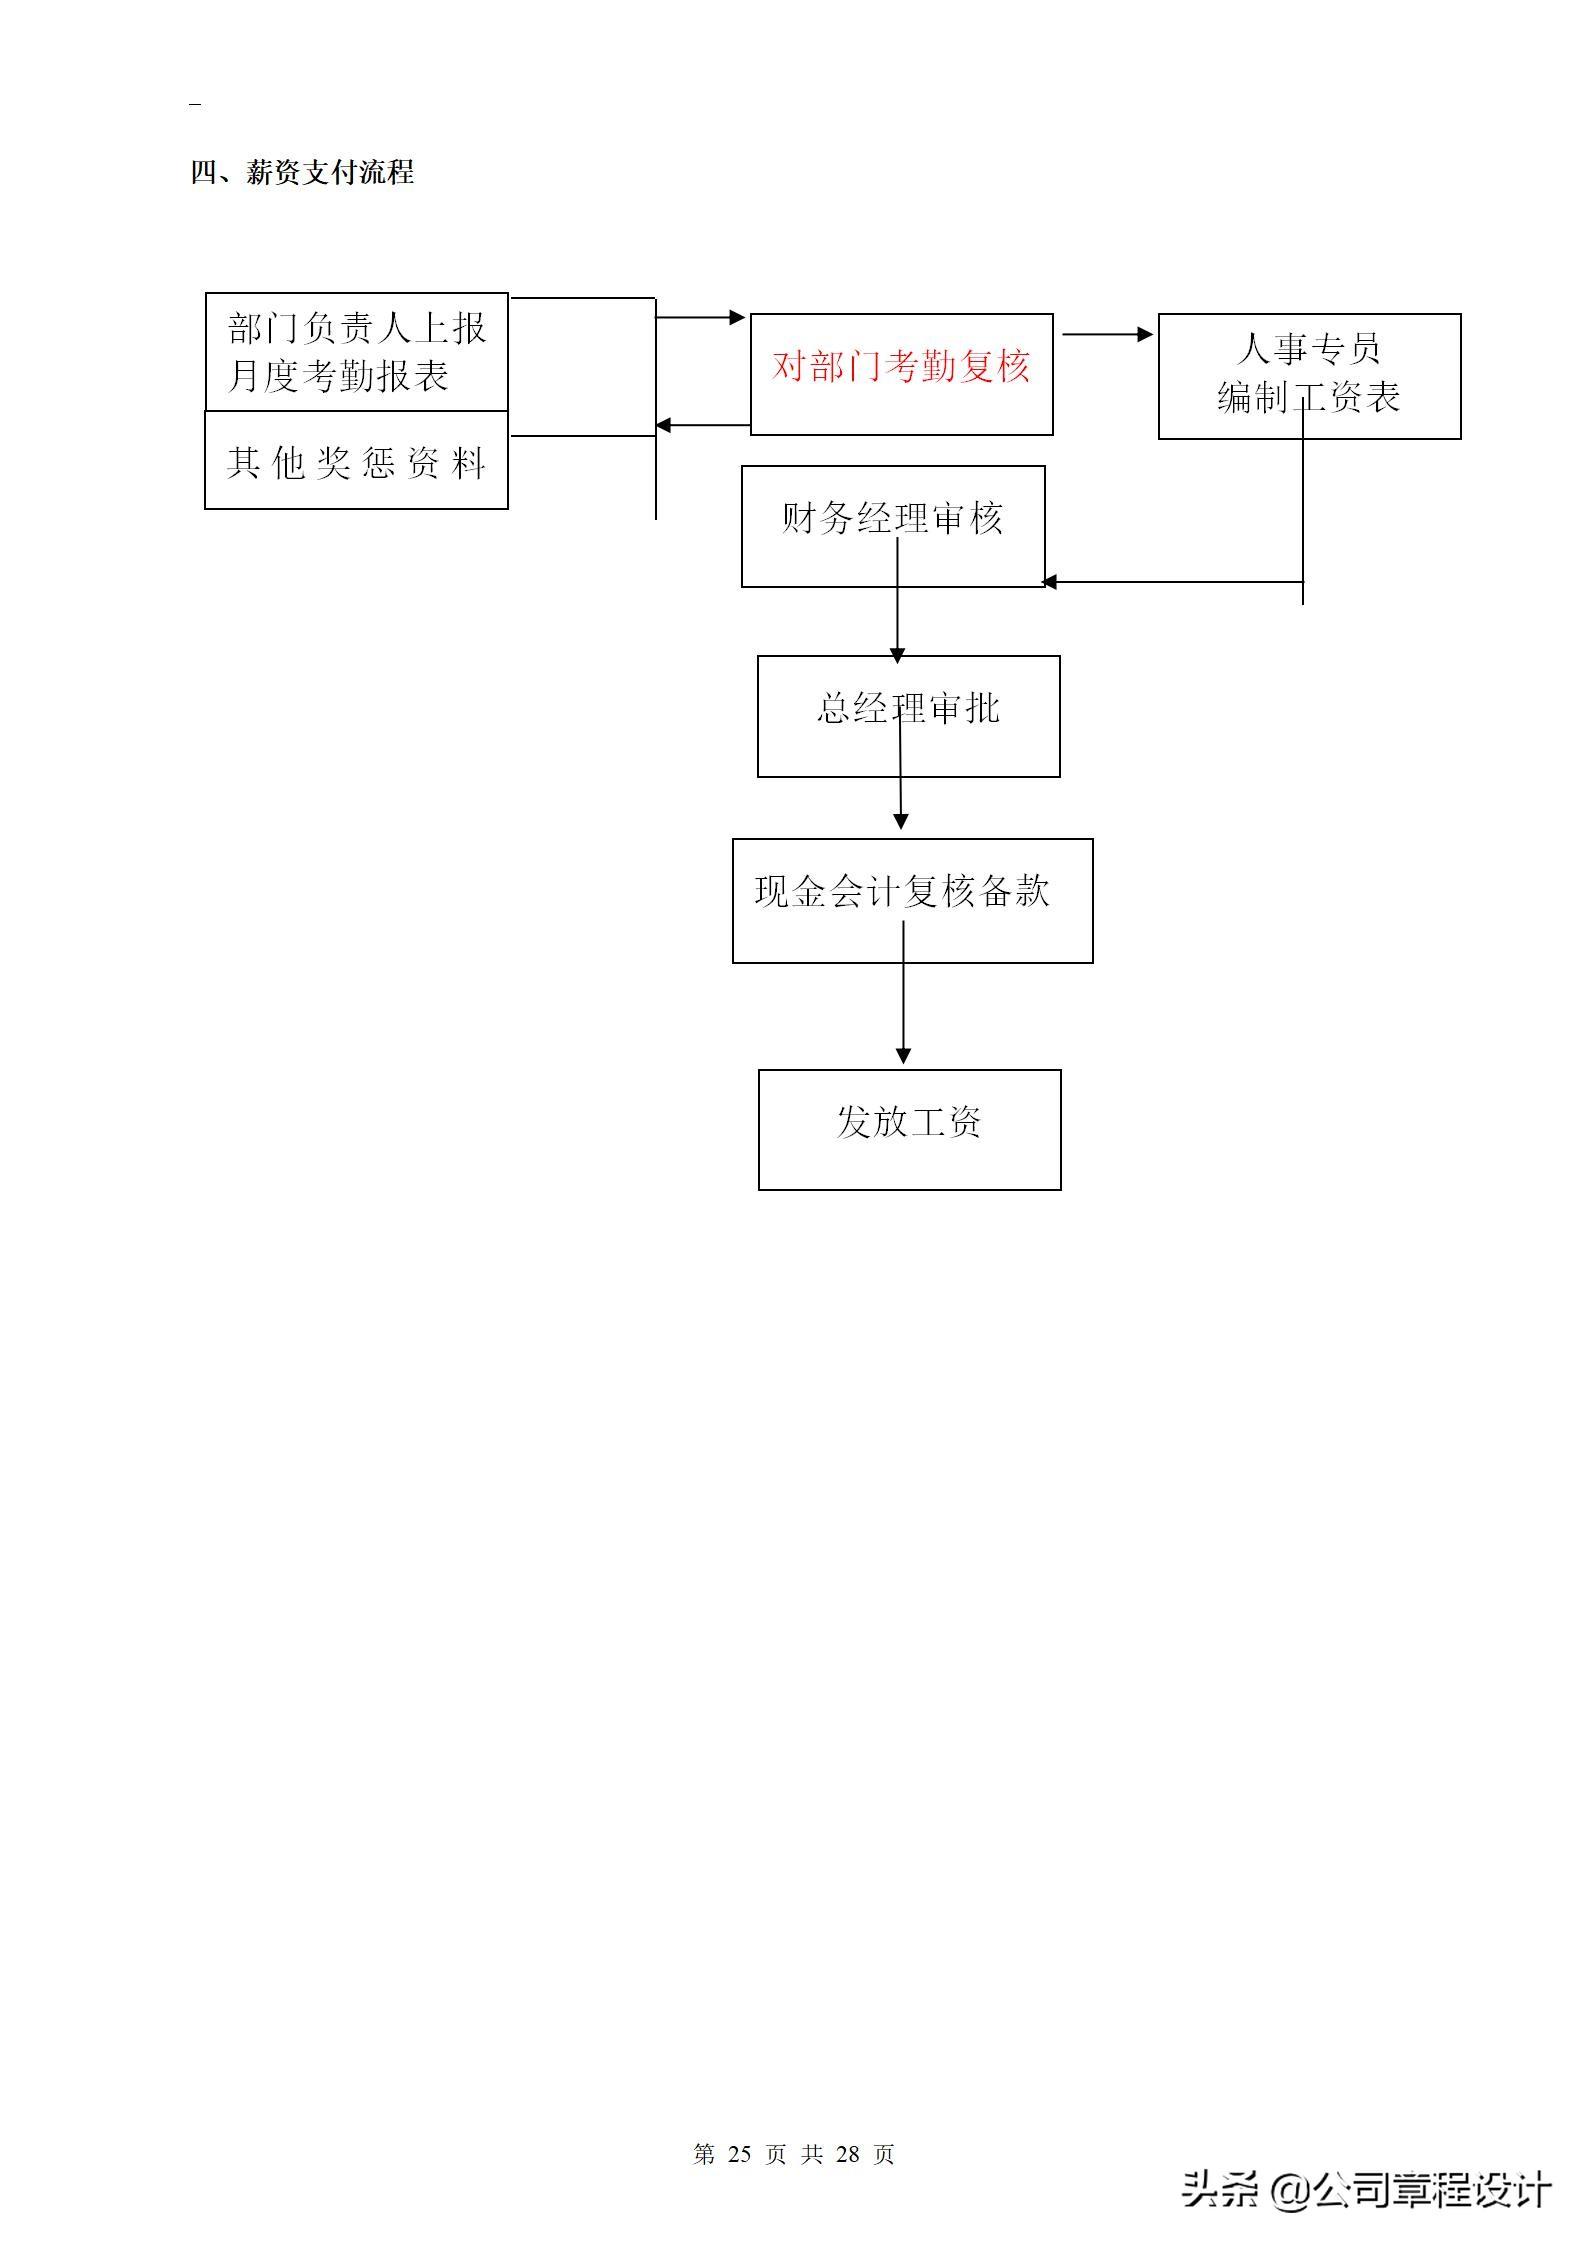 新编财务管理制度和流程图